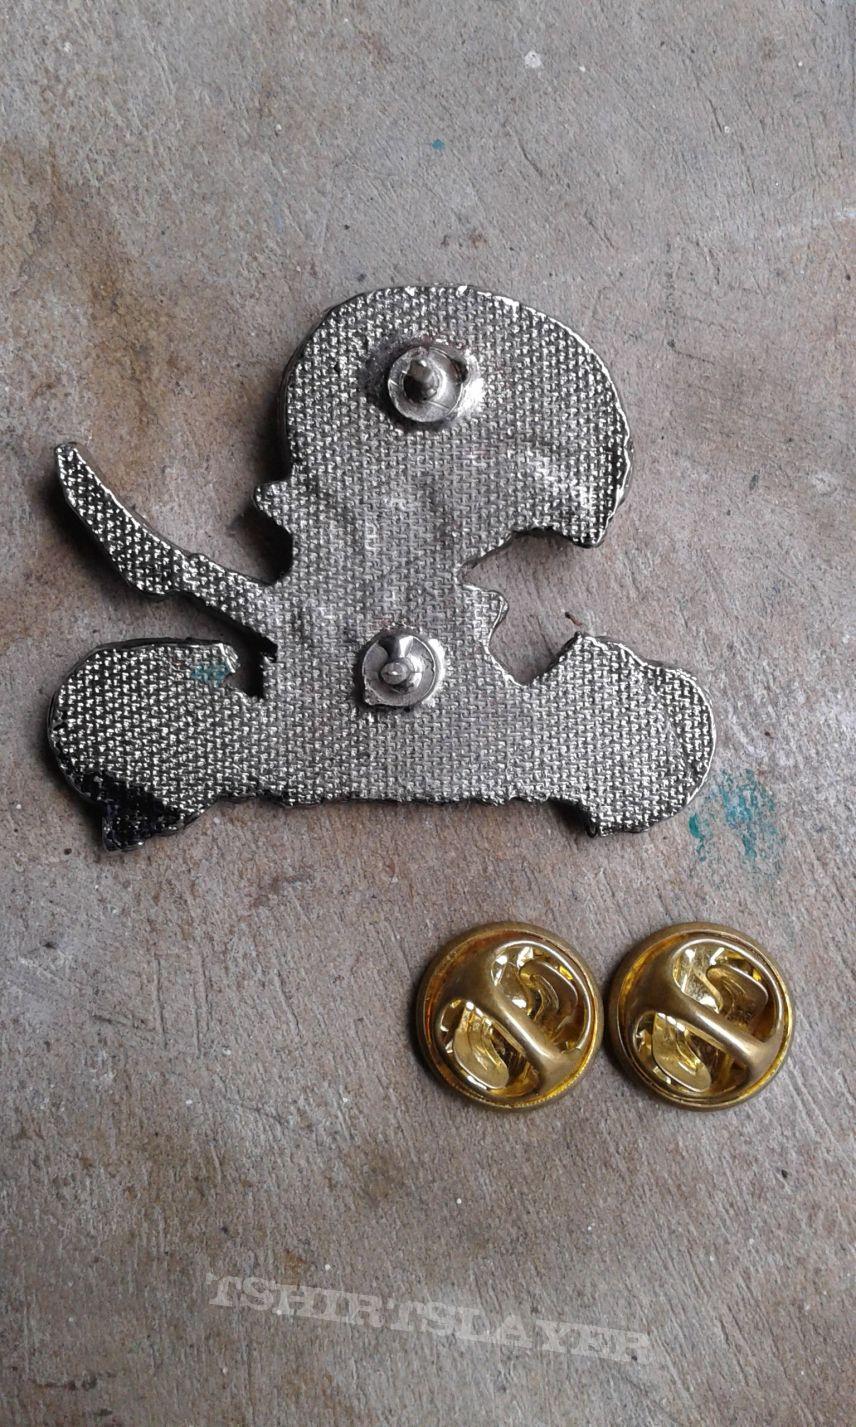 Entombed metal pin